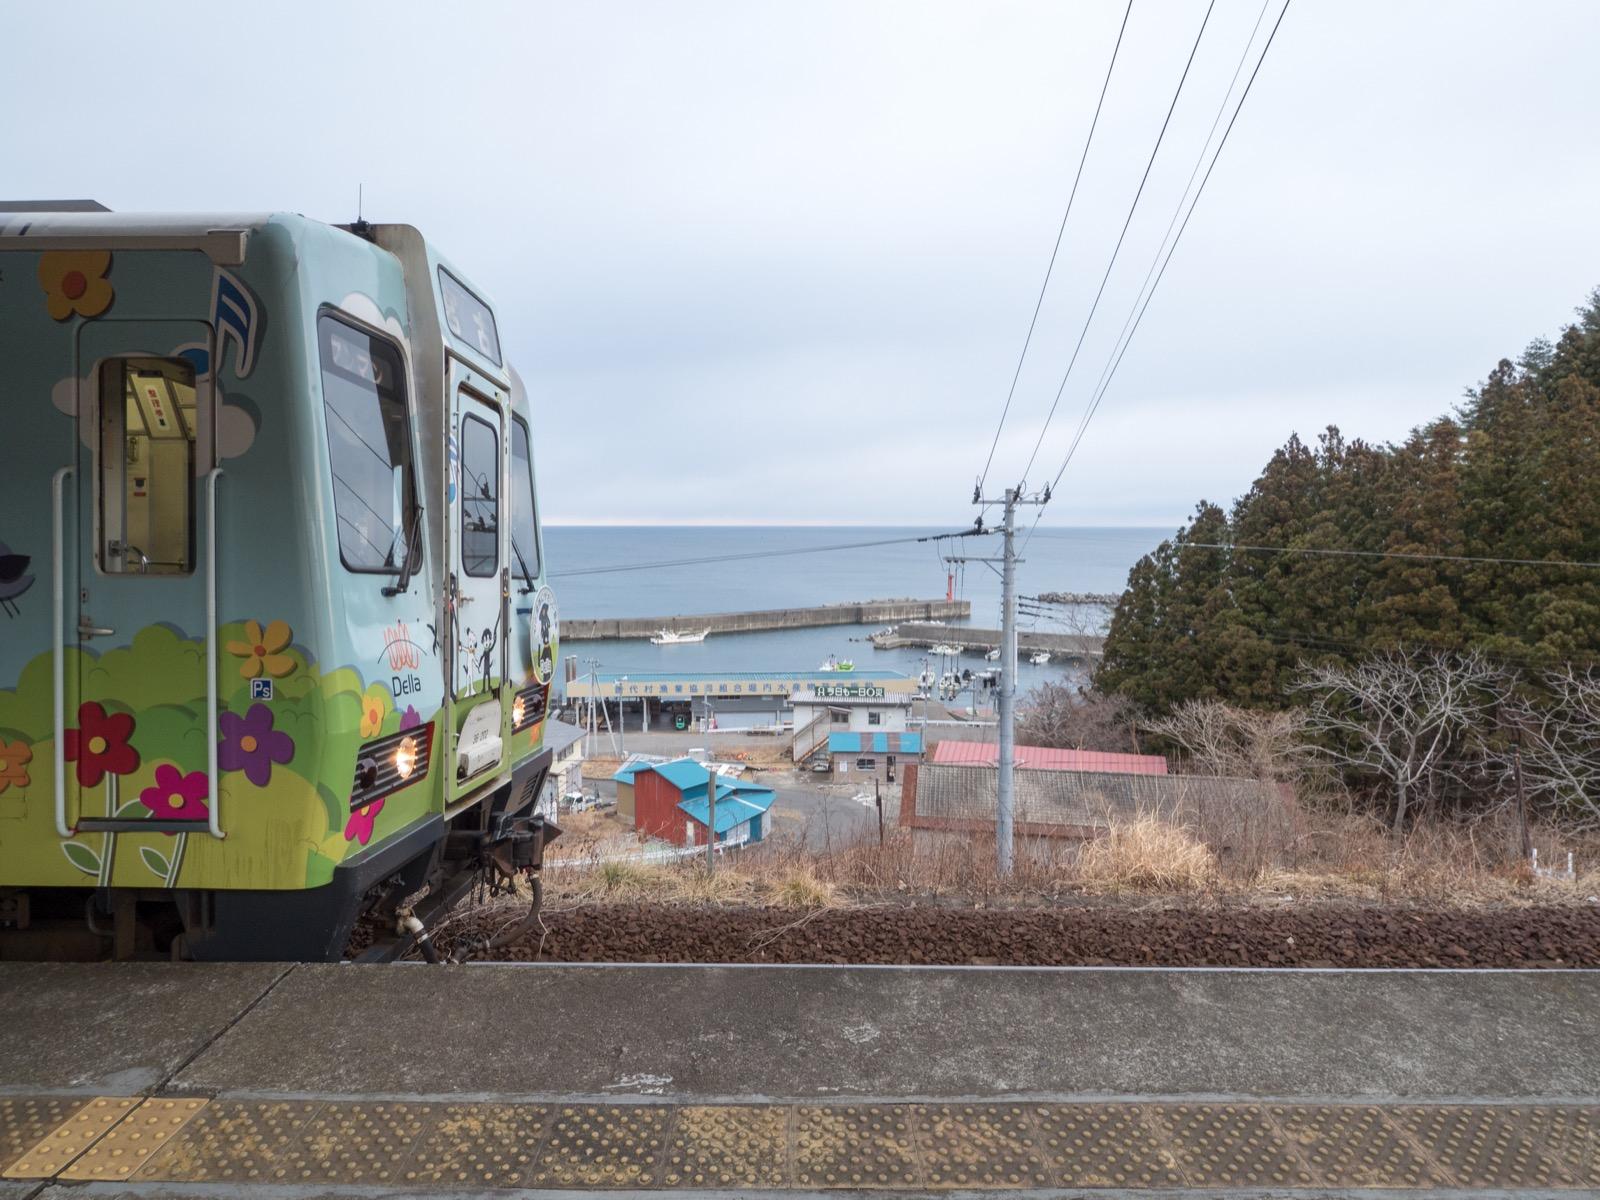 堀内駅から見える太平洋と堀内漁港